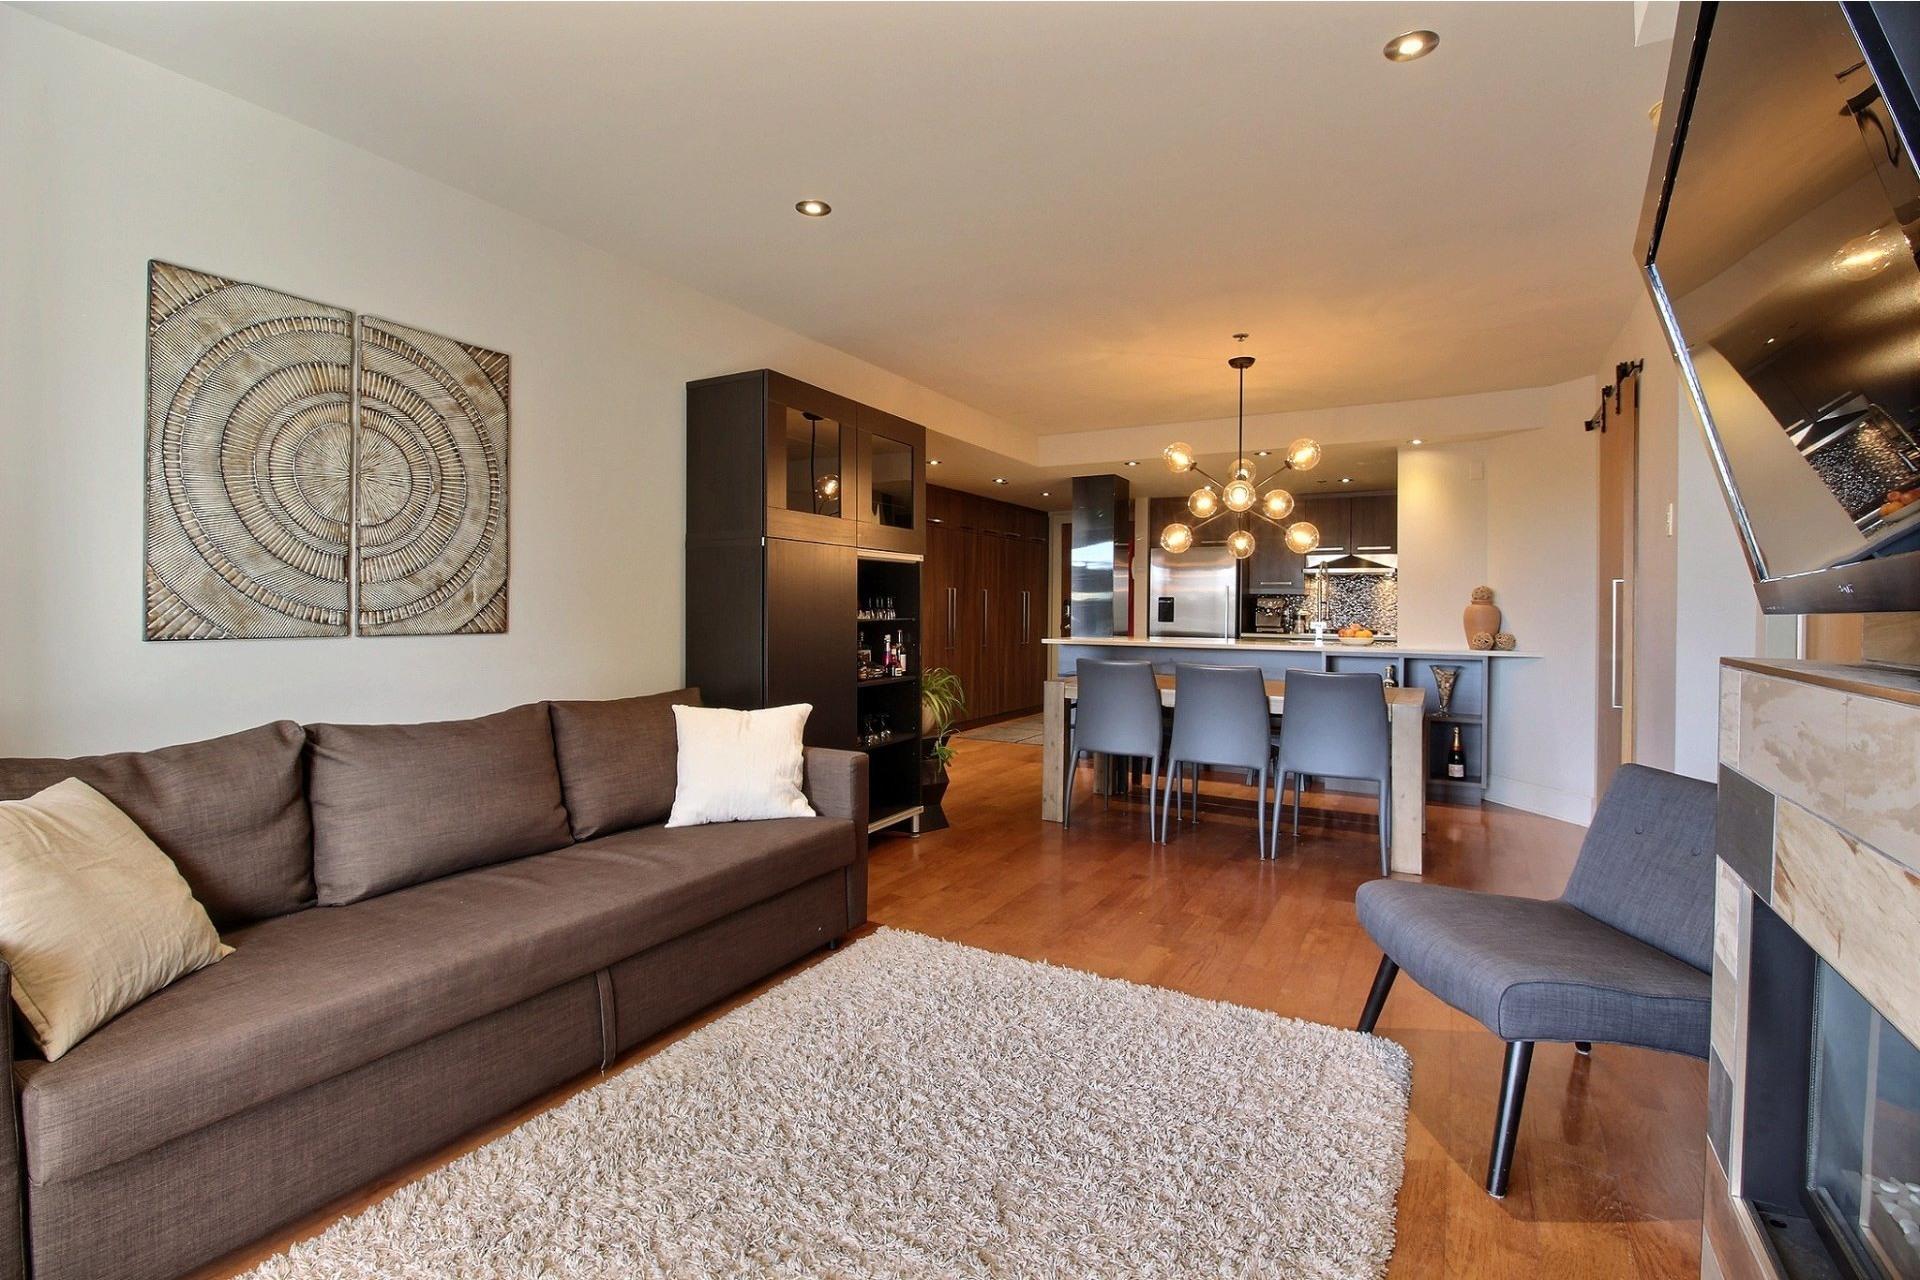 image 2 - Appartement À louer Ville-Marie Montréal  - 6 pièces